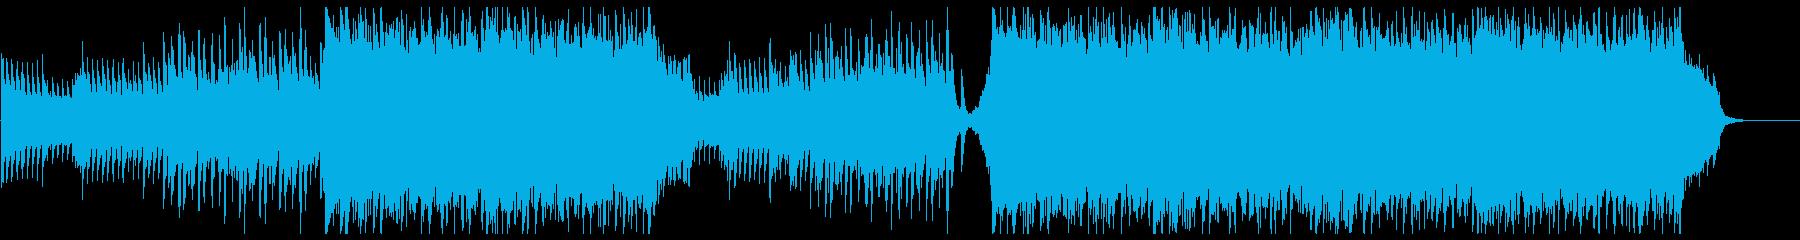 ドラマチック/壮大で感動的なオーケストラの再生済みの波形